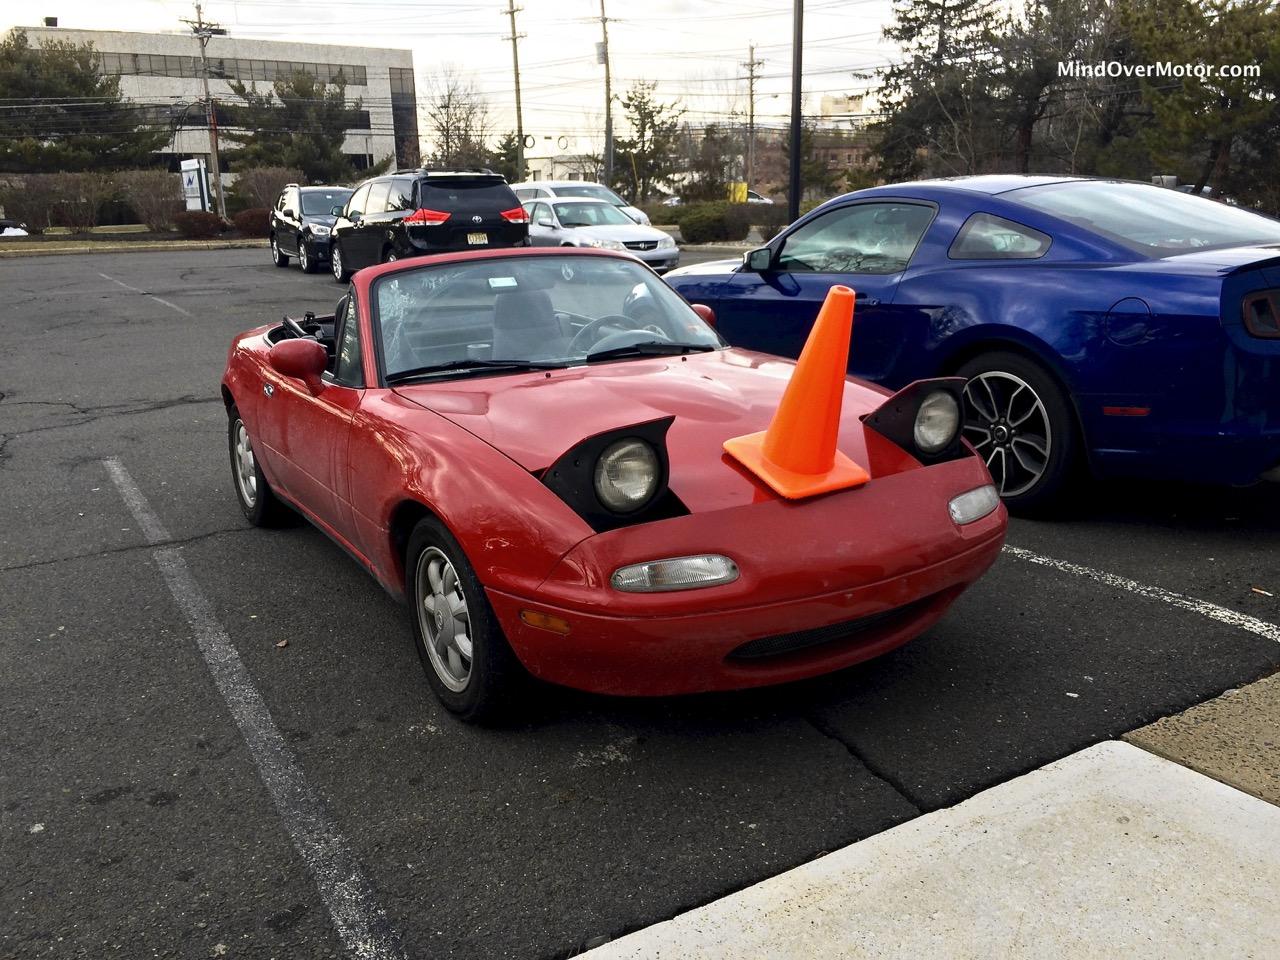 Miata With Cone on its Head